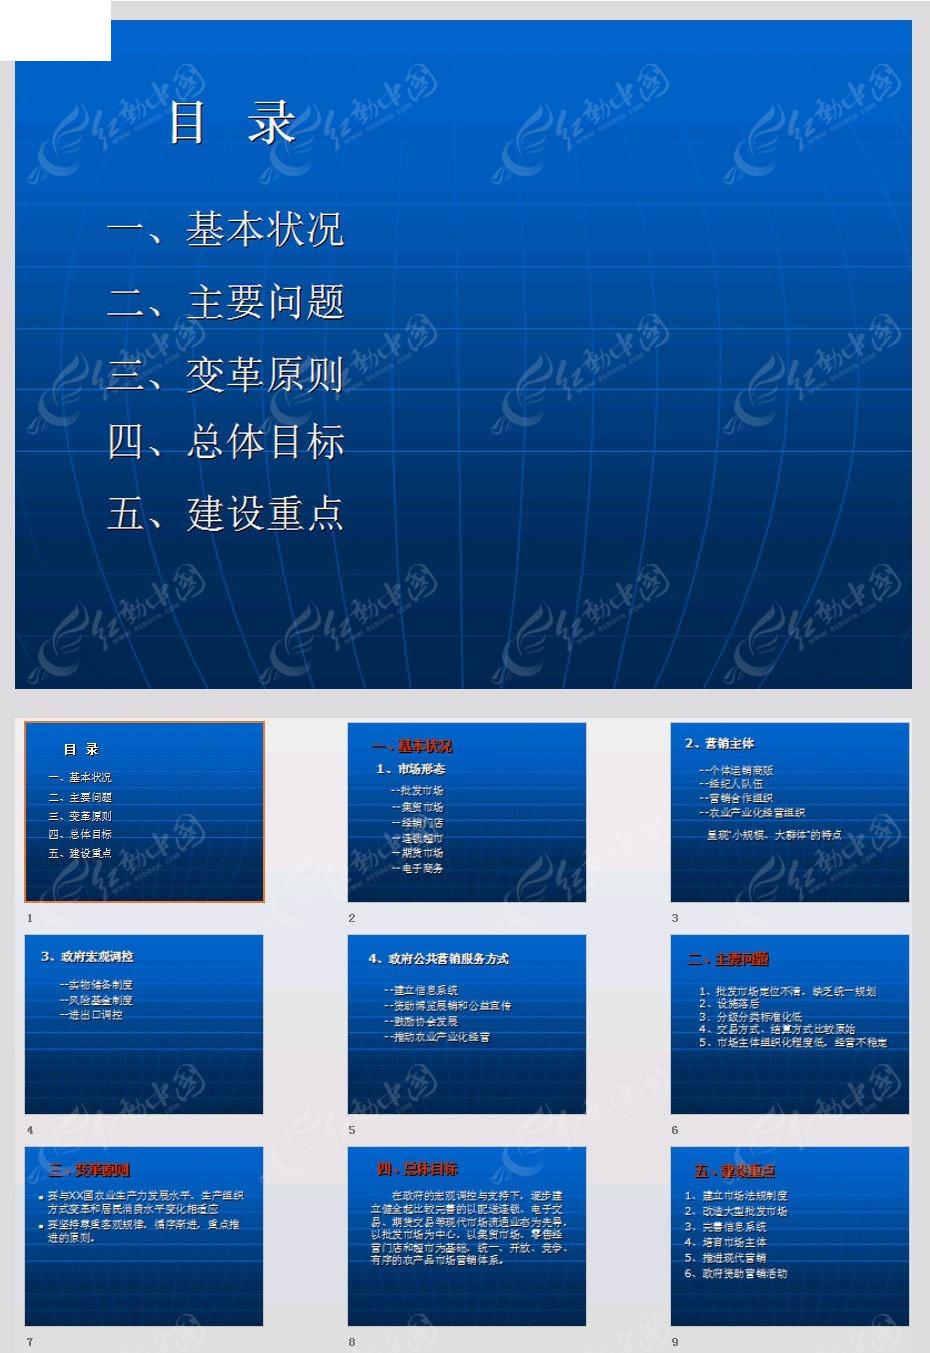 市场目录ppt模板图片